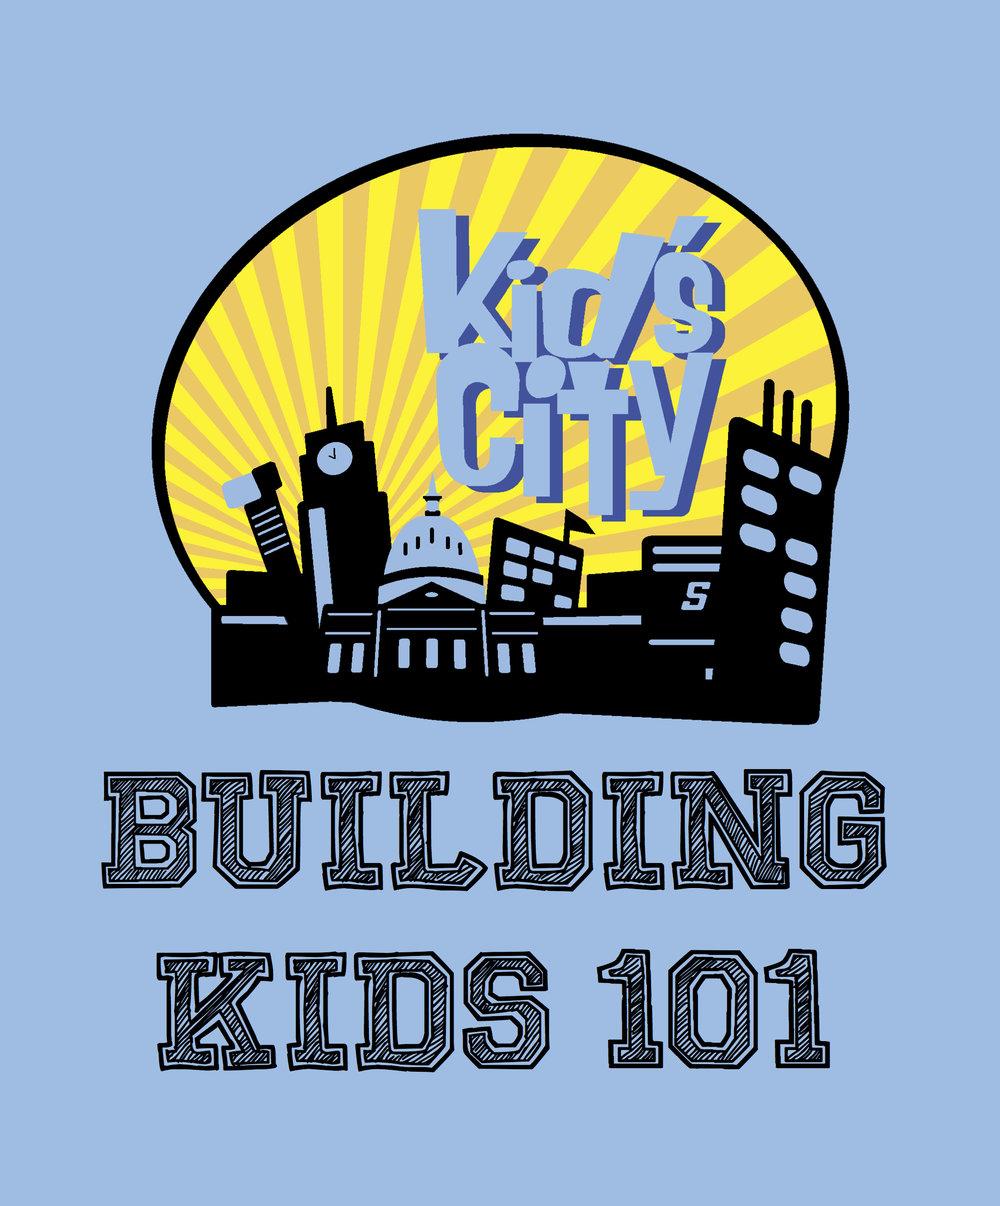 Kid Builder 101.jpg